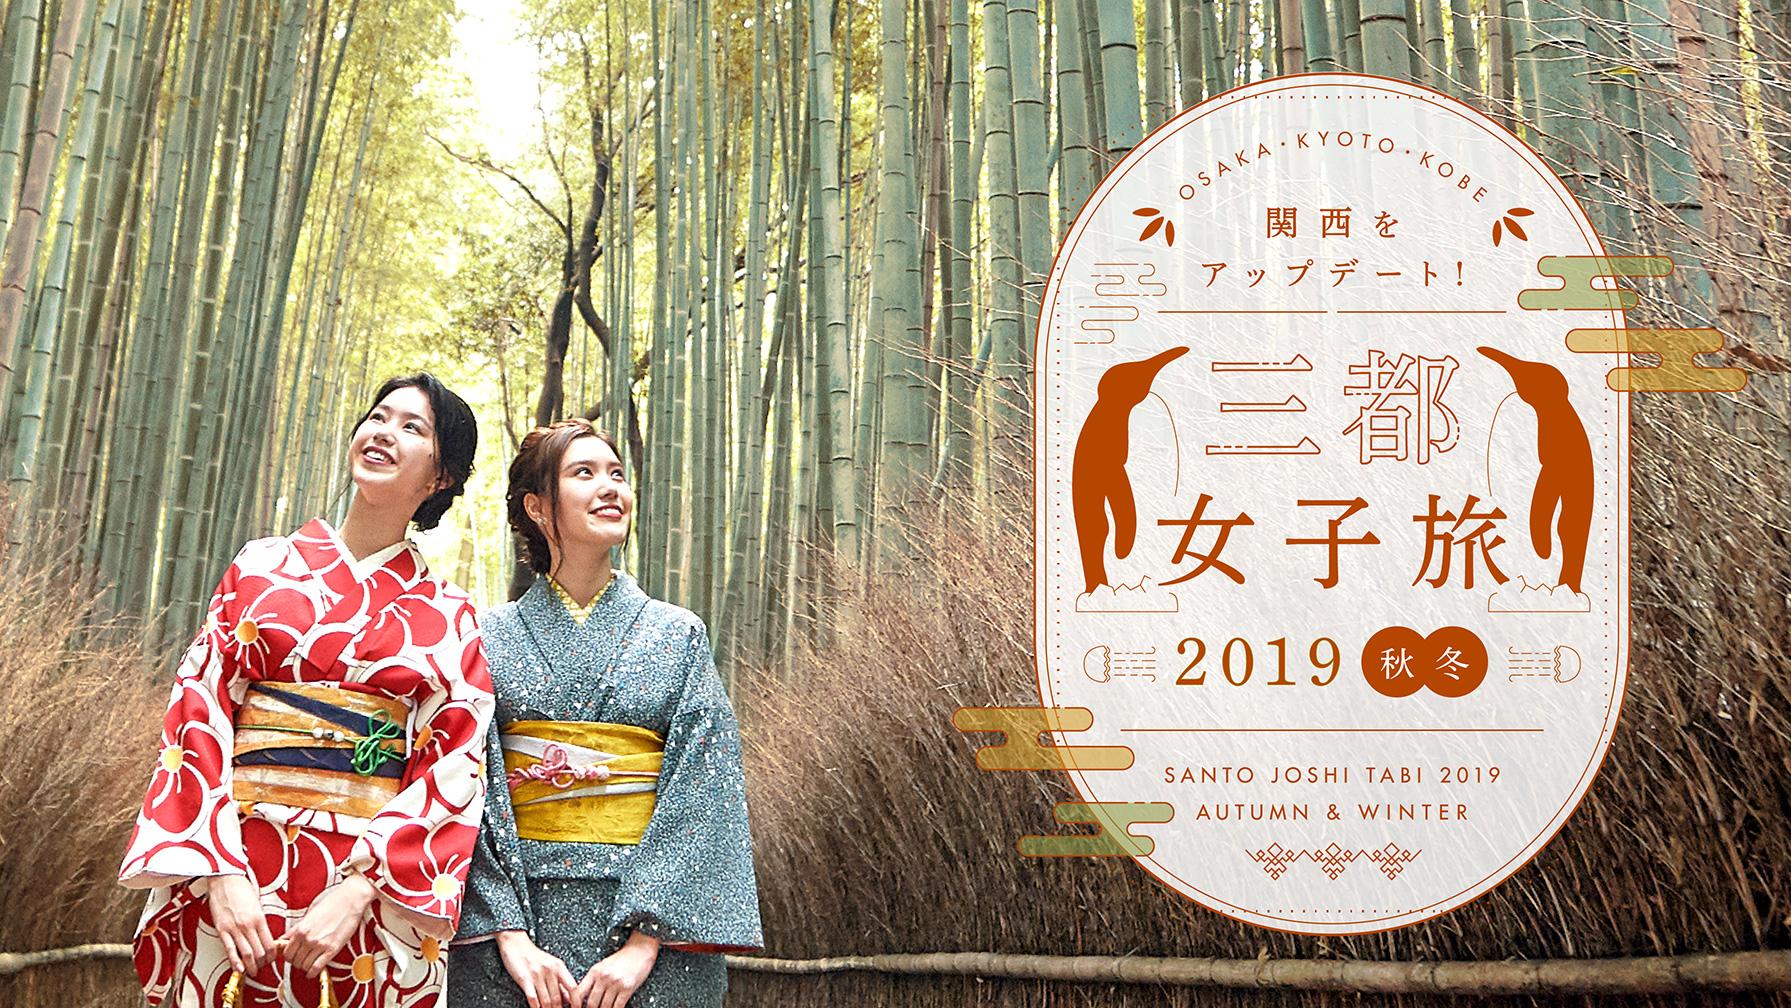 マイフェバ 「三都女子旅 2019AW」01